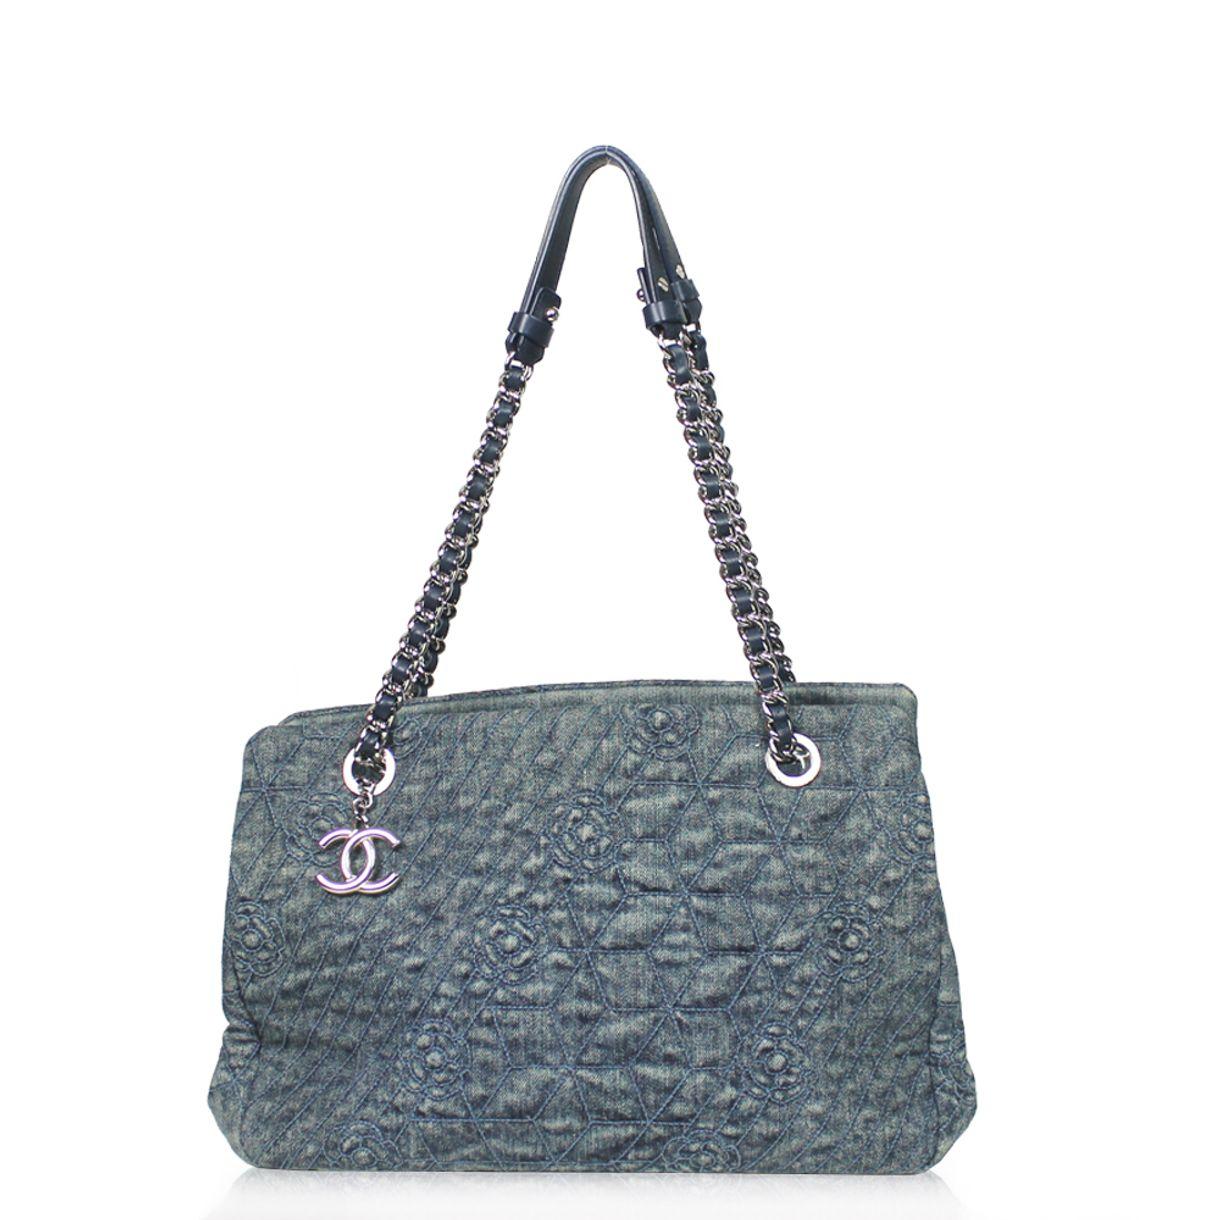 01956-Bolsa-Chanel-Denim-Camelia-1